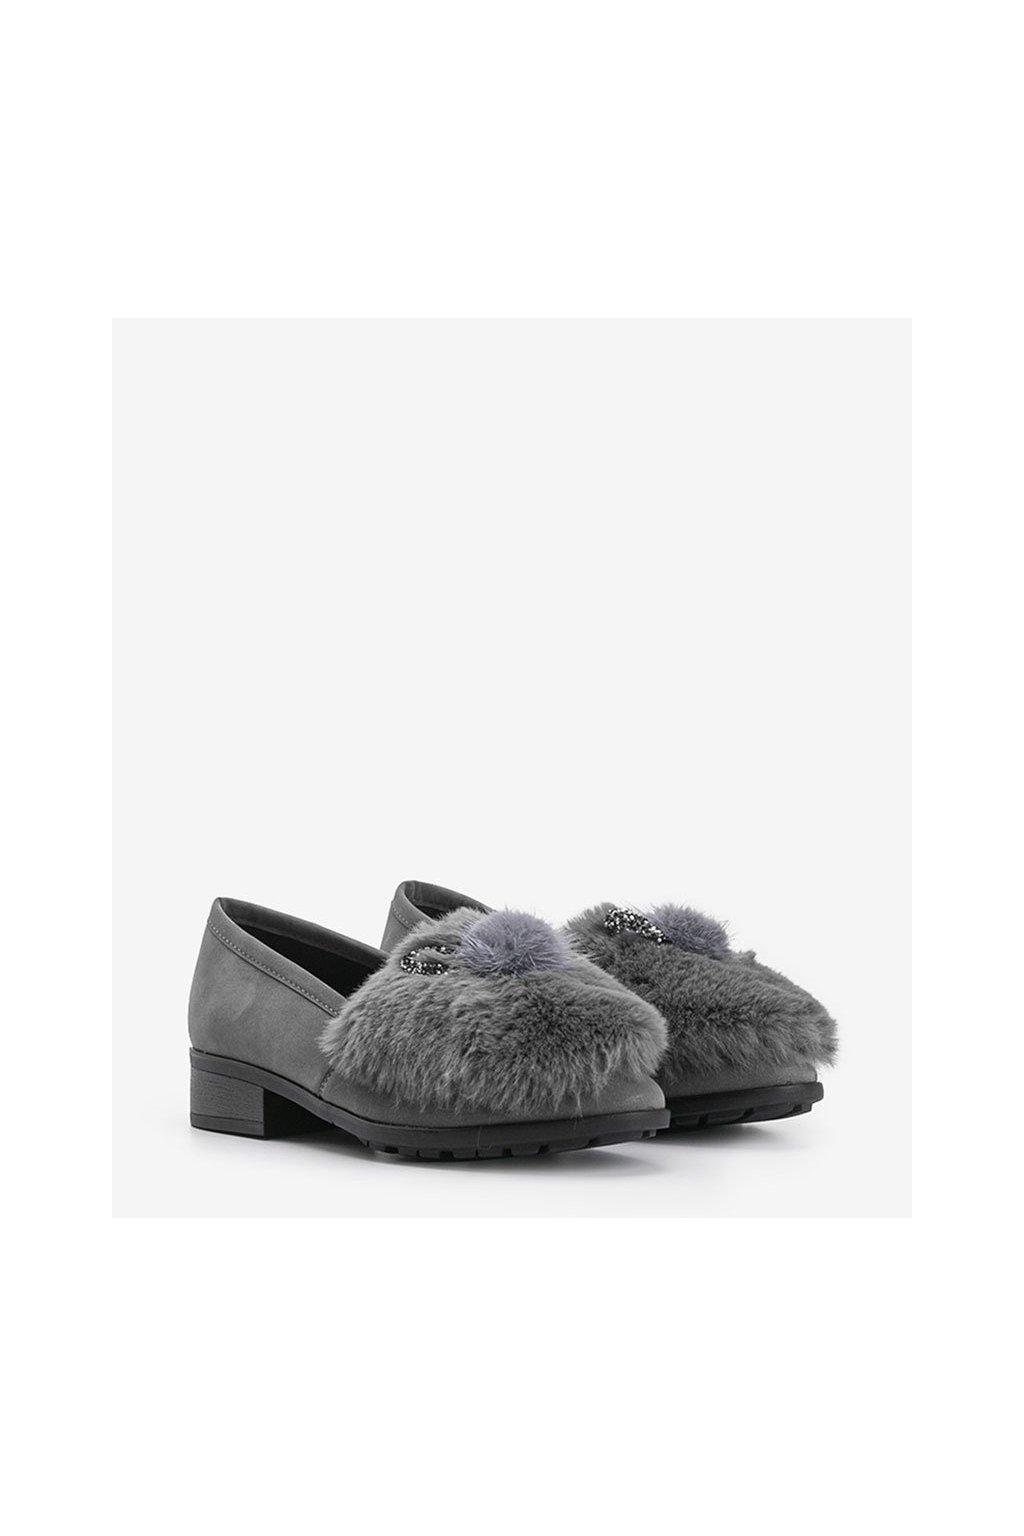 Dámske topánky mokasíny sivé kód C17-6166-3 - GM